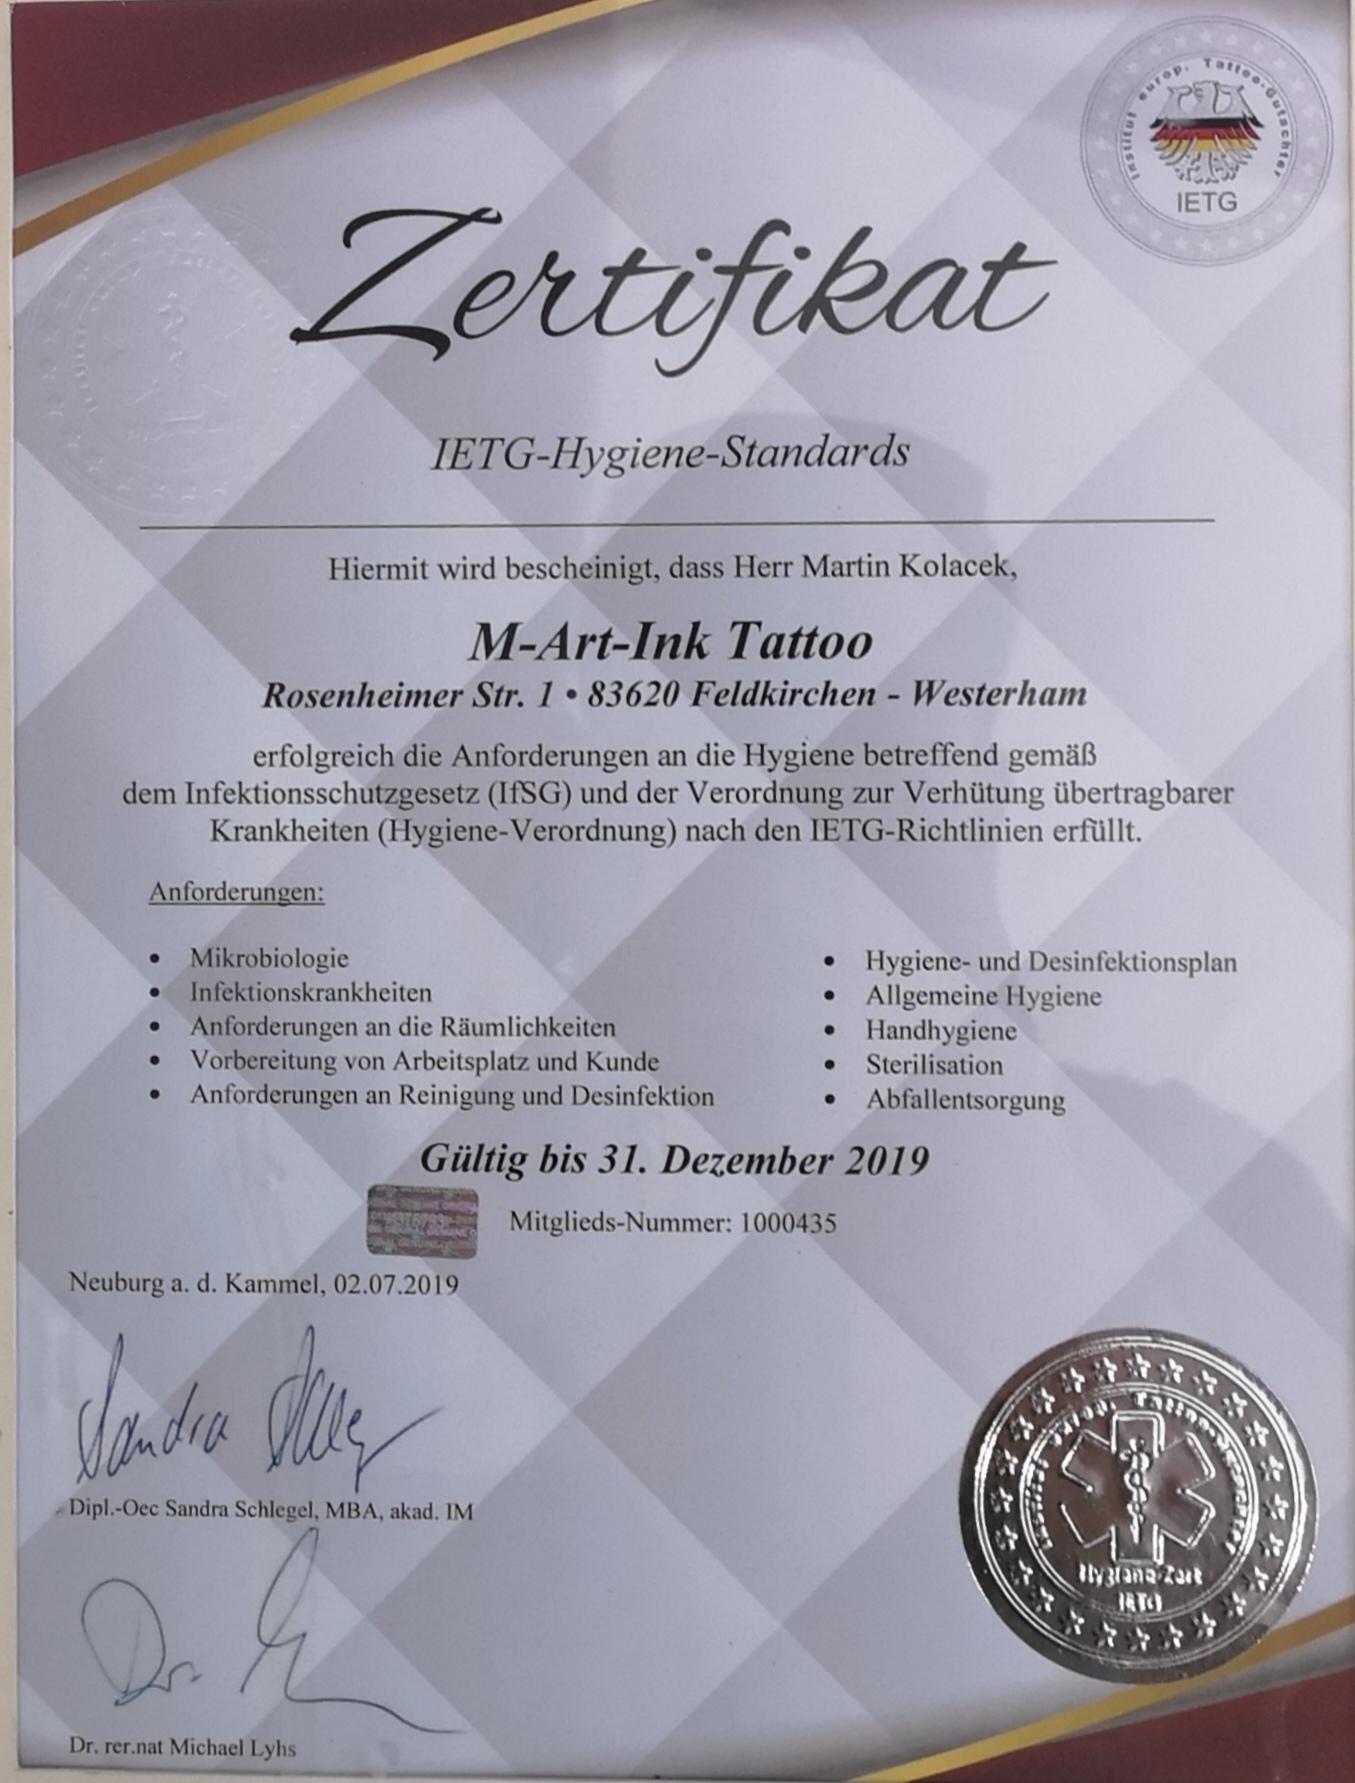 Wir freuen uns euch mitteilen zu dürfen das M-Art-Ink Tattoo Studio in Feldkirchen Westerham alle Hygiene Anforderungen erfüllt ✔️